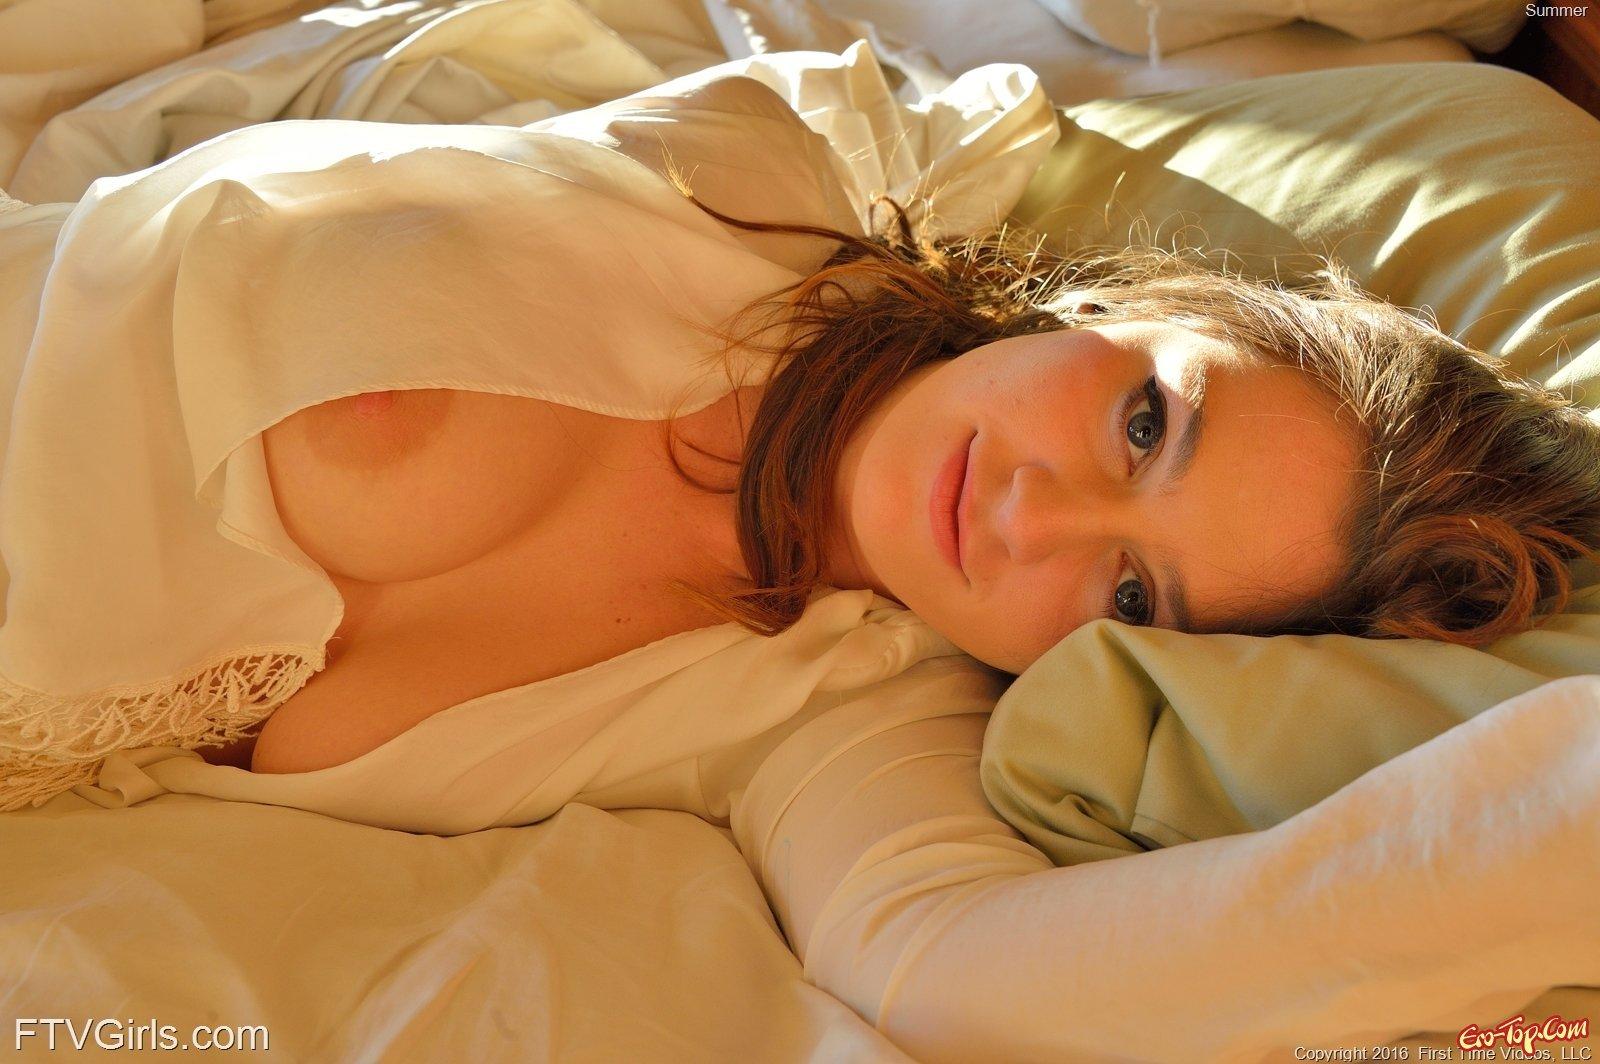 Голые пышные формы сексуальной девушки. Фото эротика.